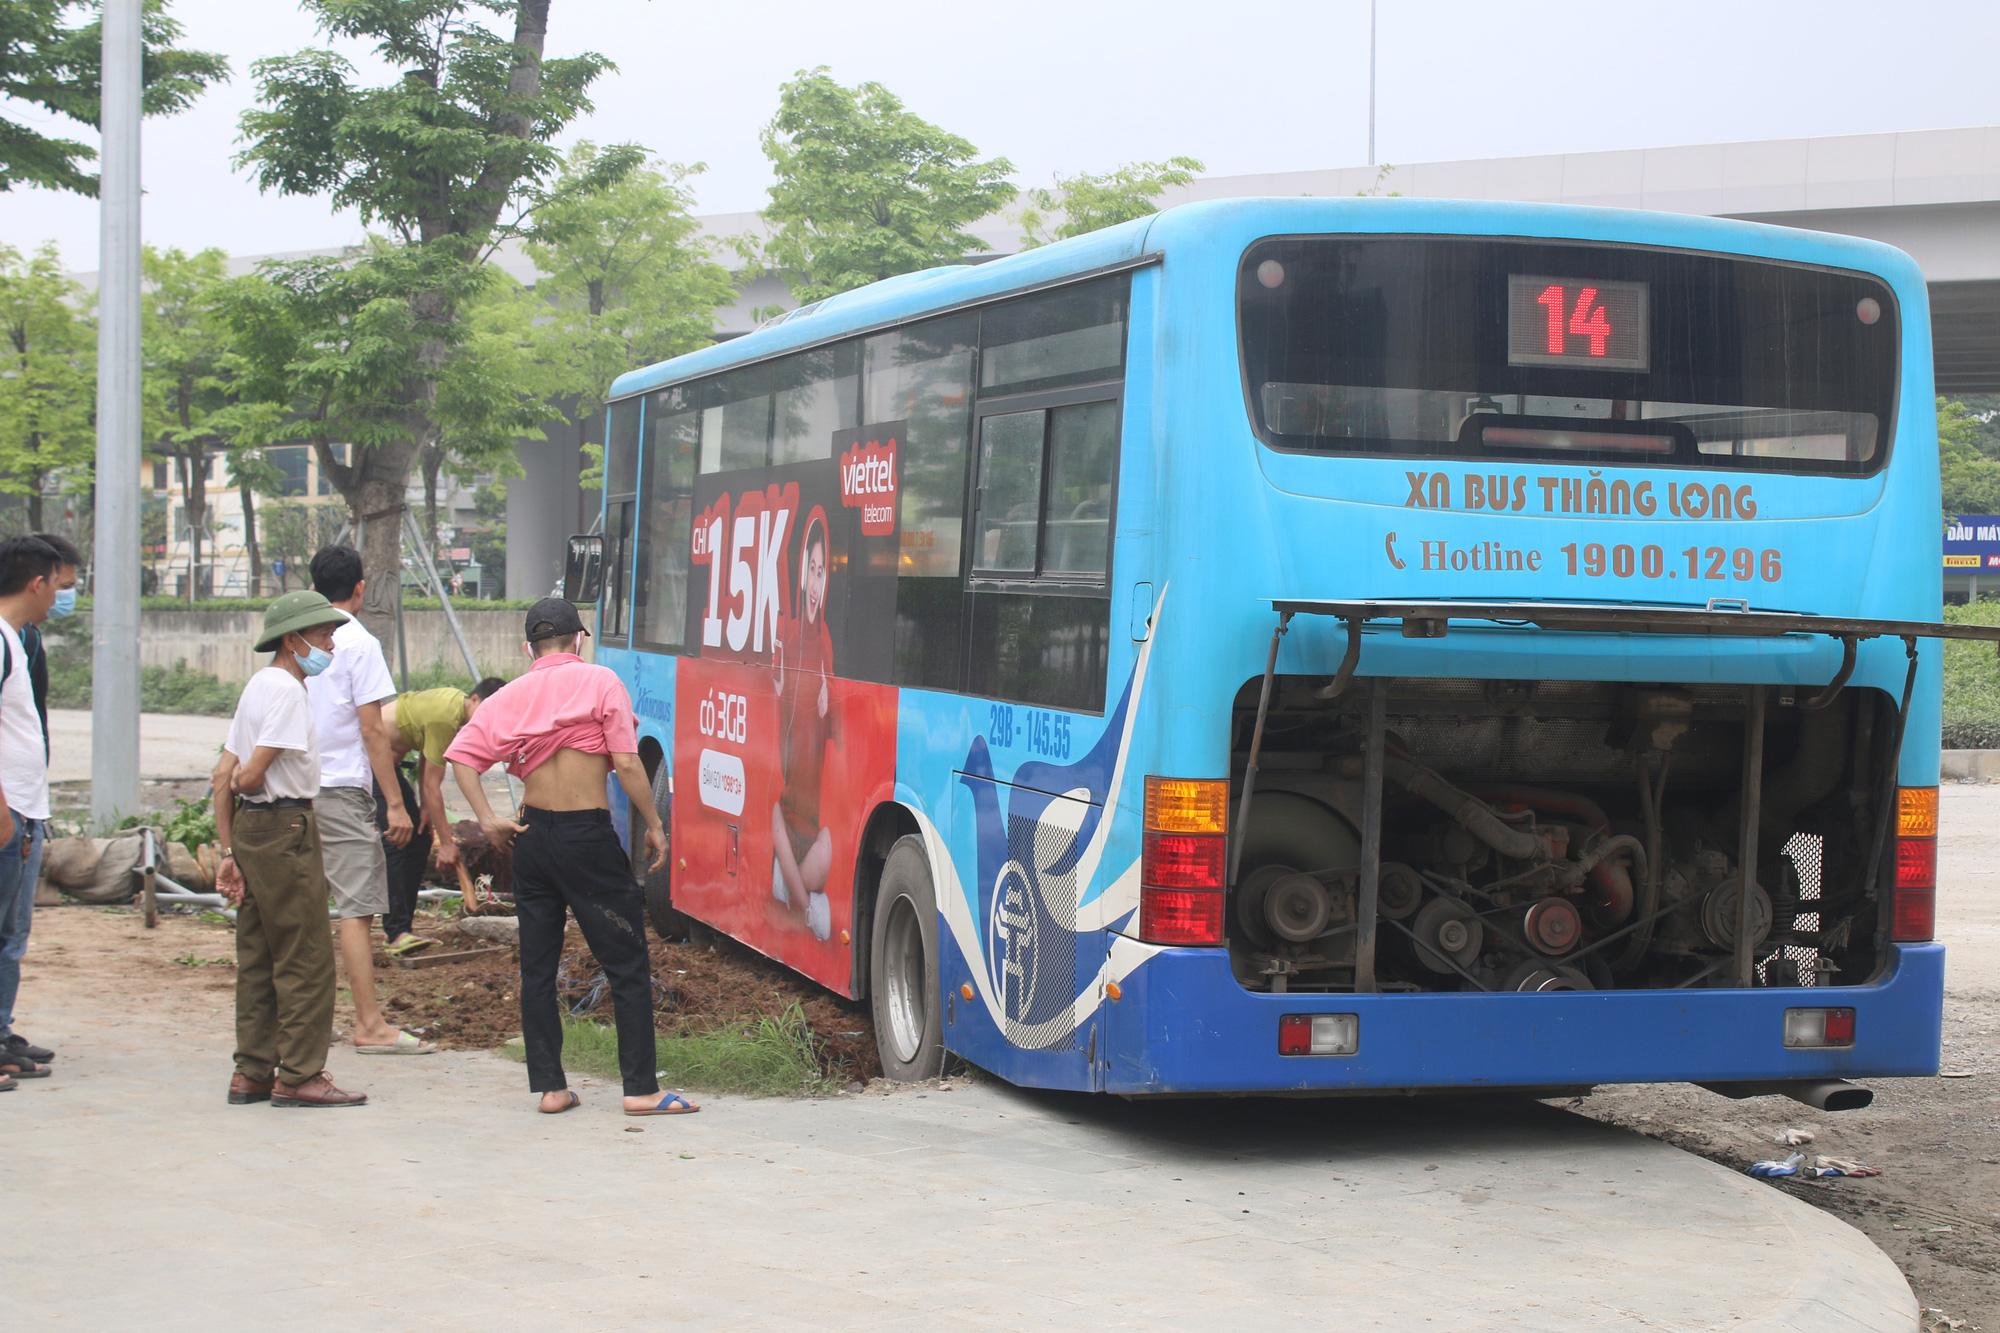 Nhân chứng kể lại vụ xe buýt lao lên vỉa hè, tông chết người đi bộ ở Hà Nội - Ảnh 4.